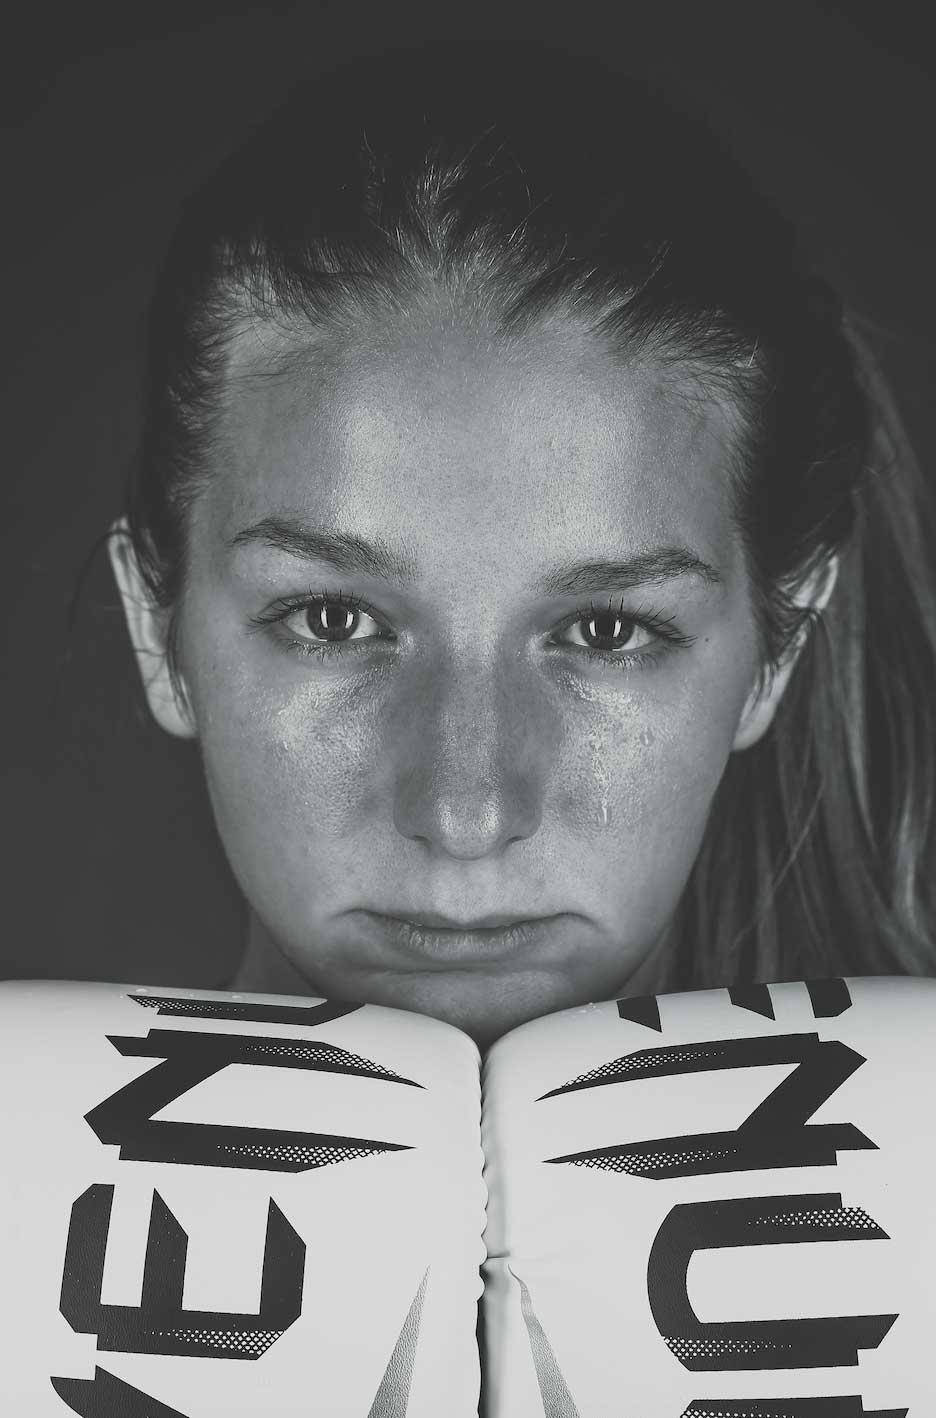 Celina Klarenbeek - project presenteer jezelf